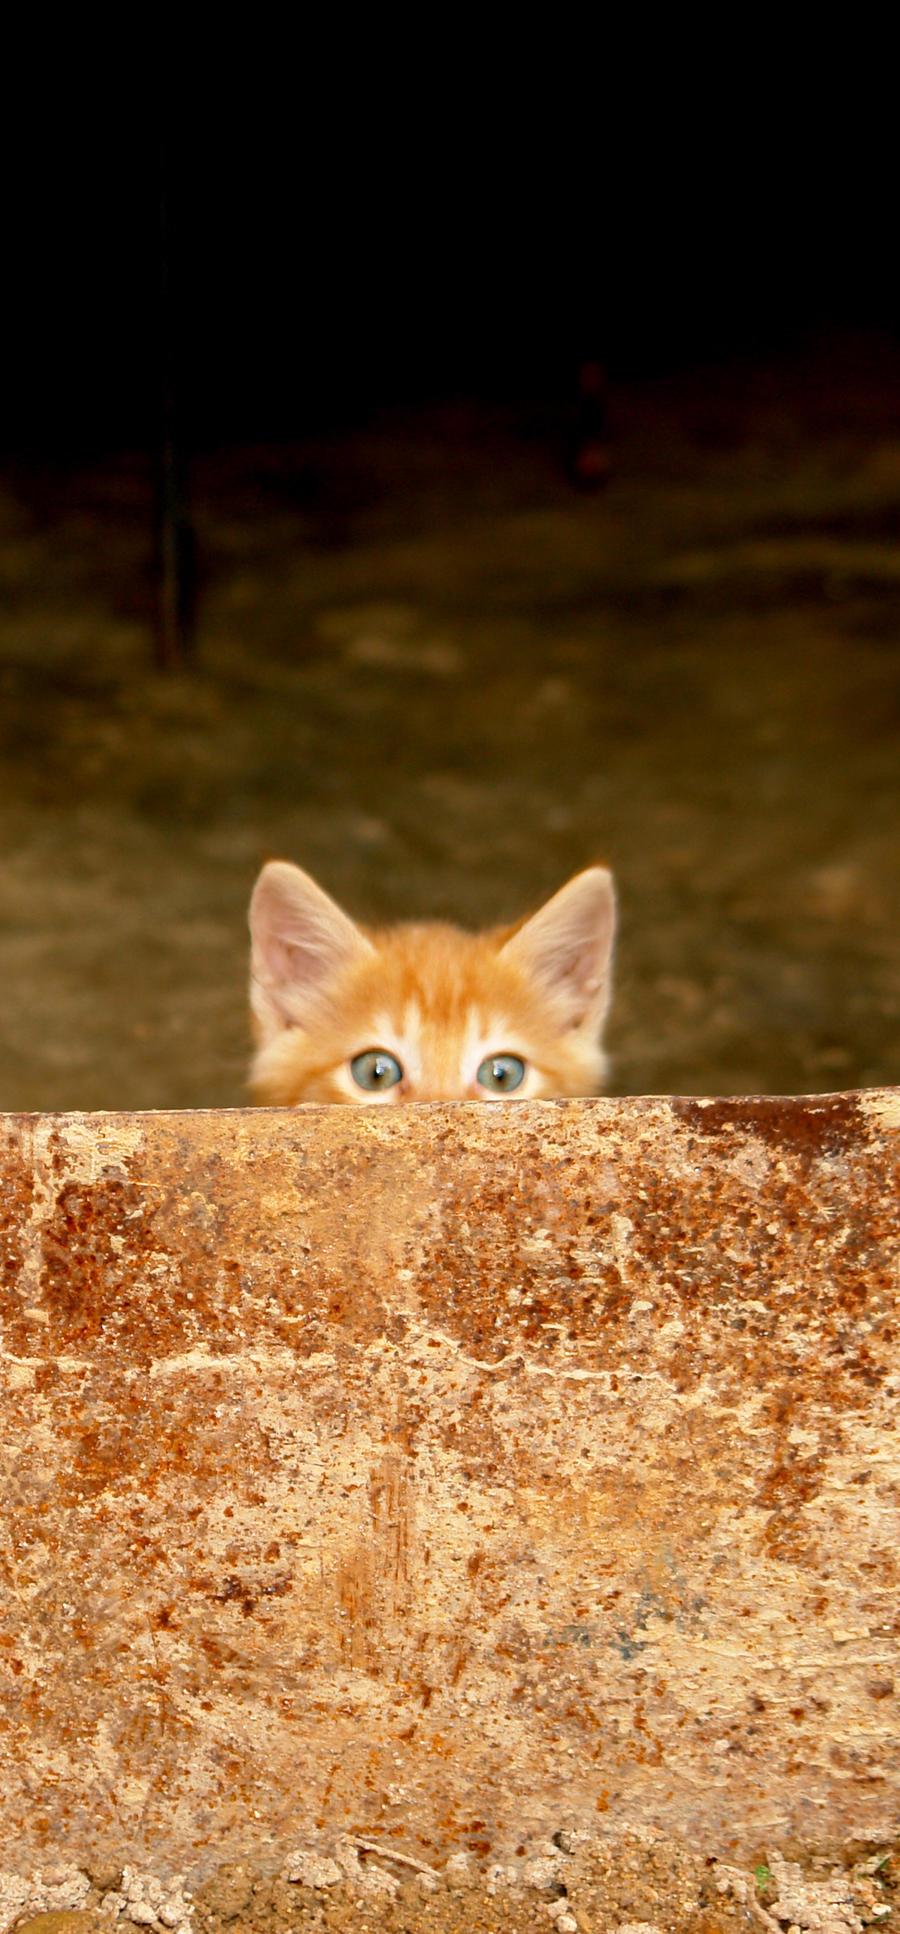 gatolargito by emilie-cat